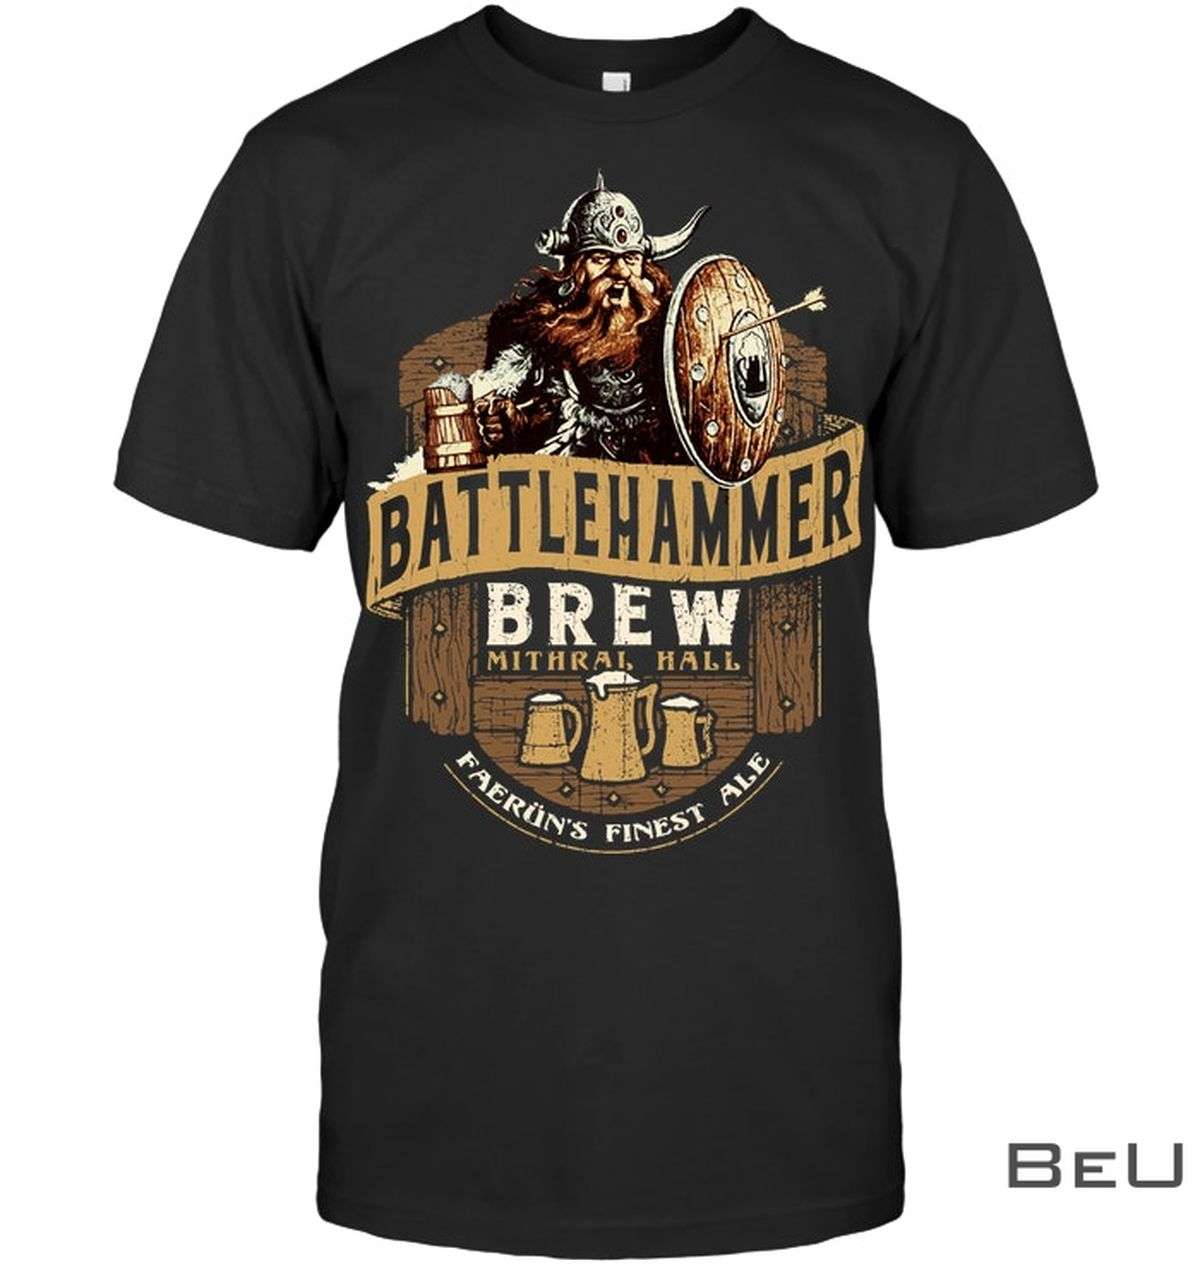 Battlehammer Brew Mithral Hall Faerun Finest Ale Shirt